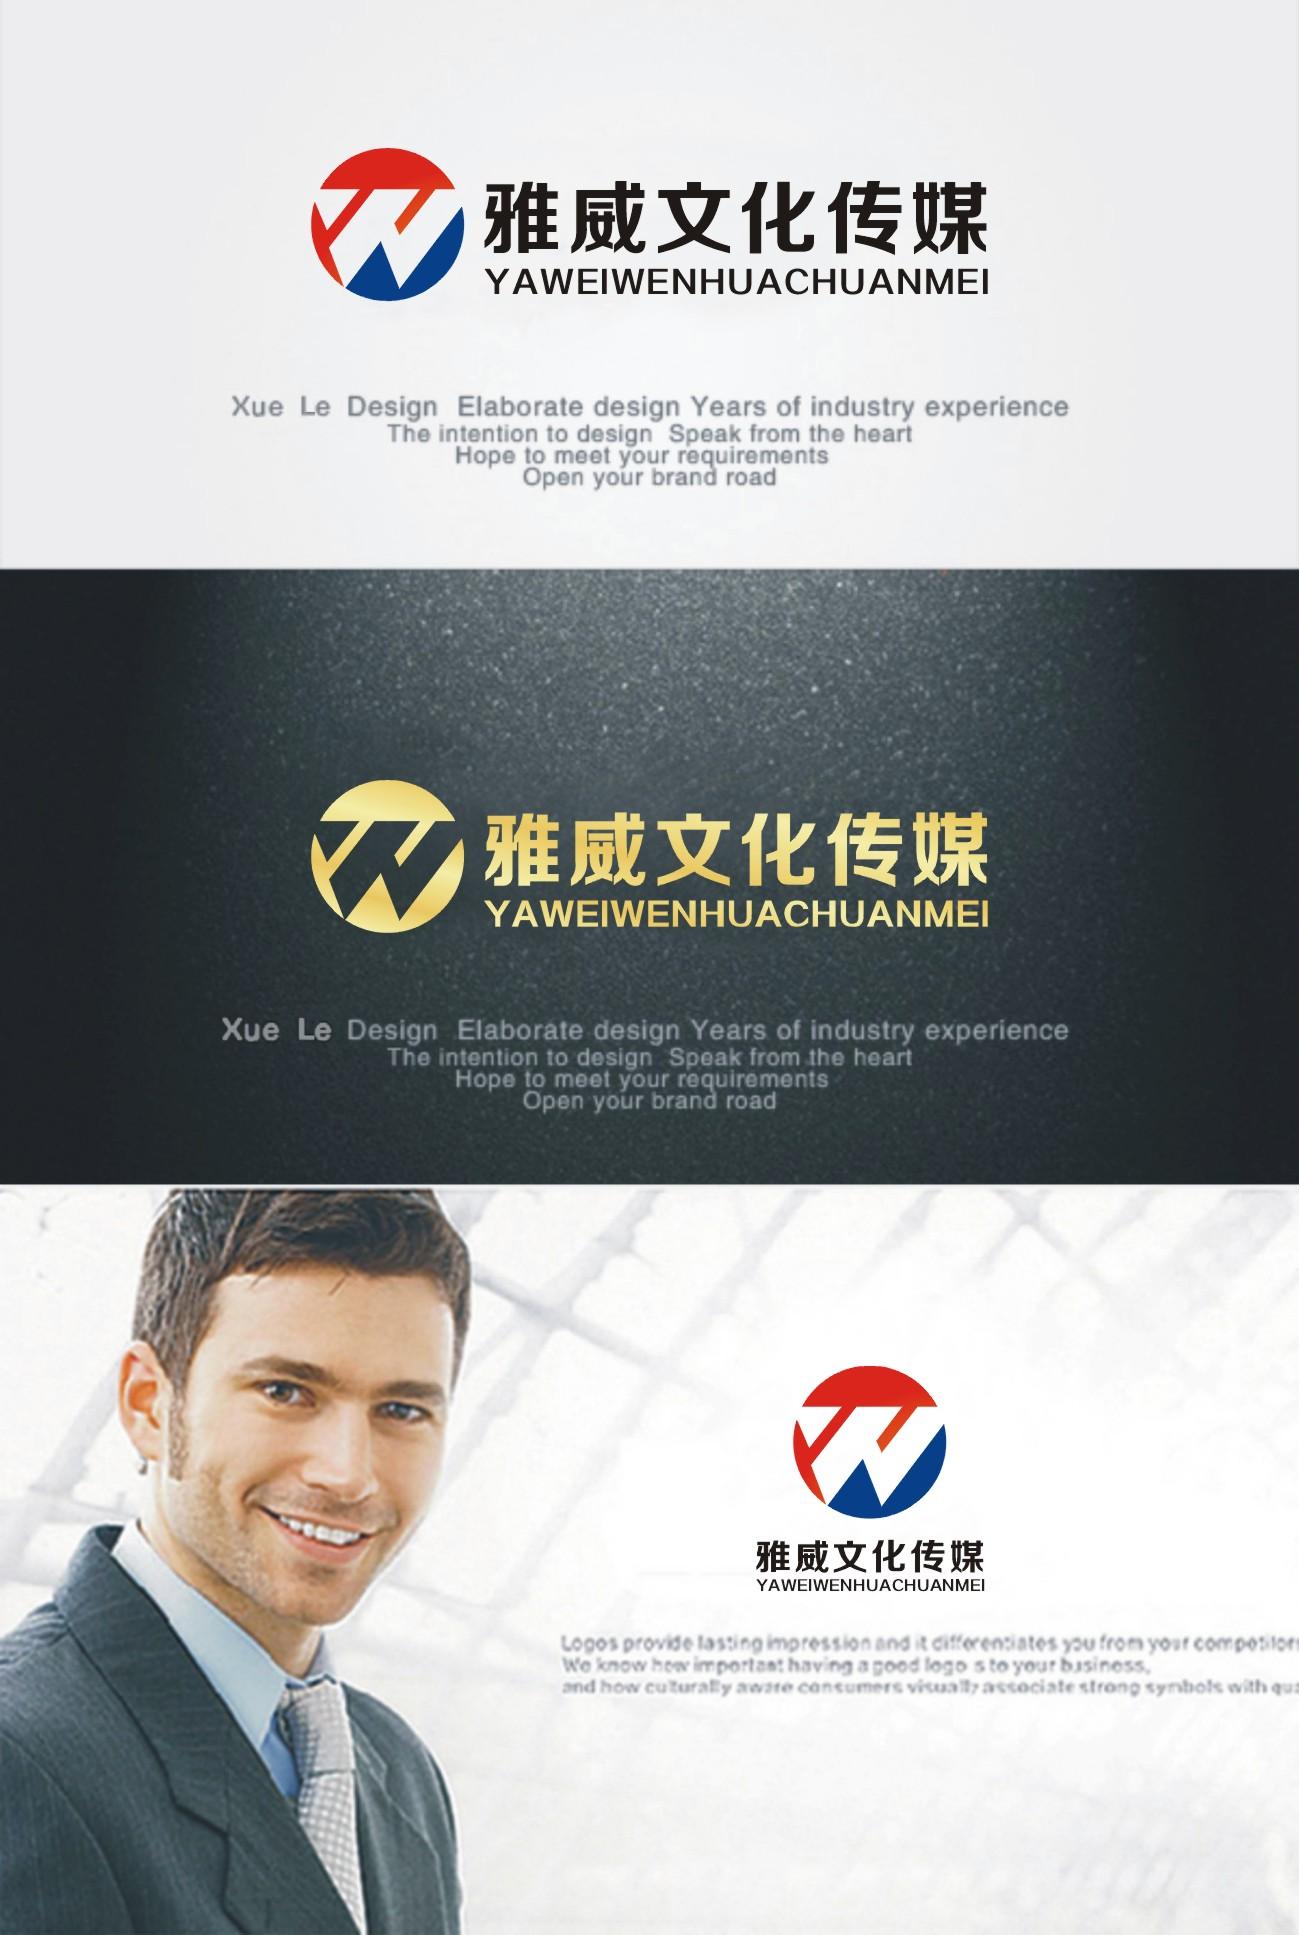 文化传媒公司logo设计_2953198_k68威客网